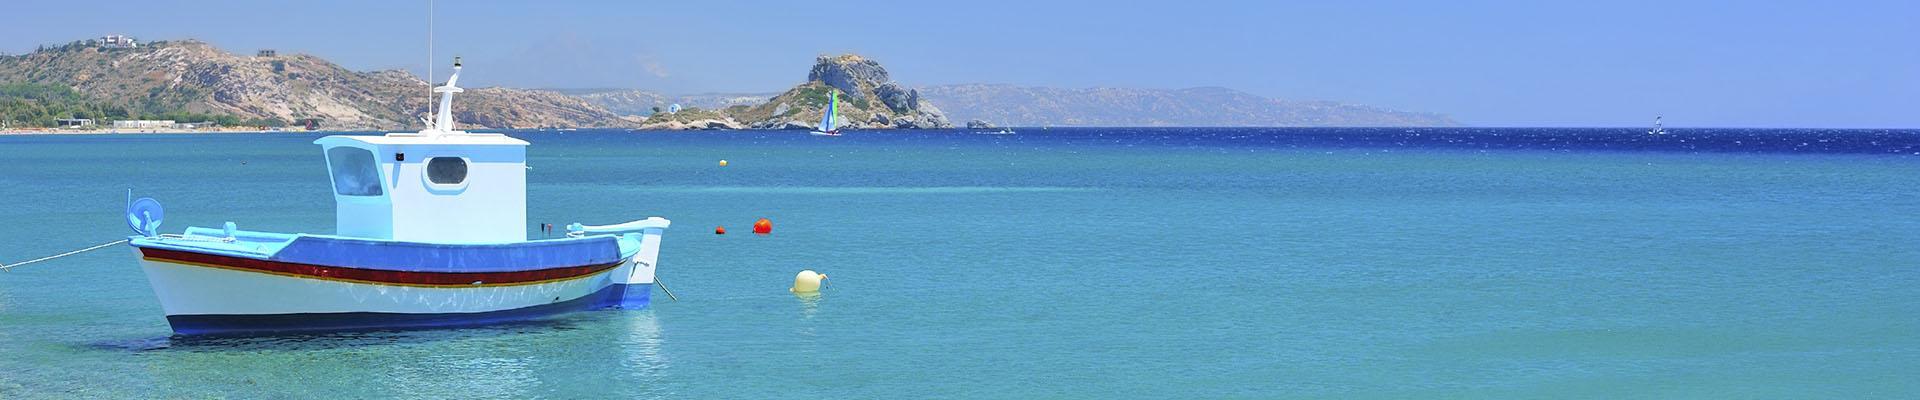 eenoudervakanties griekenland